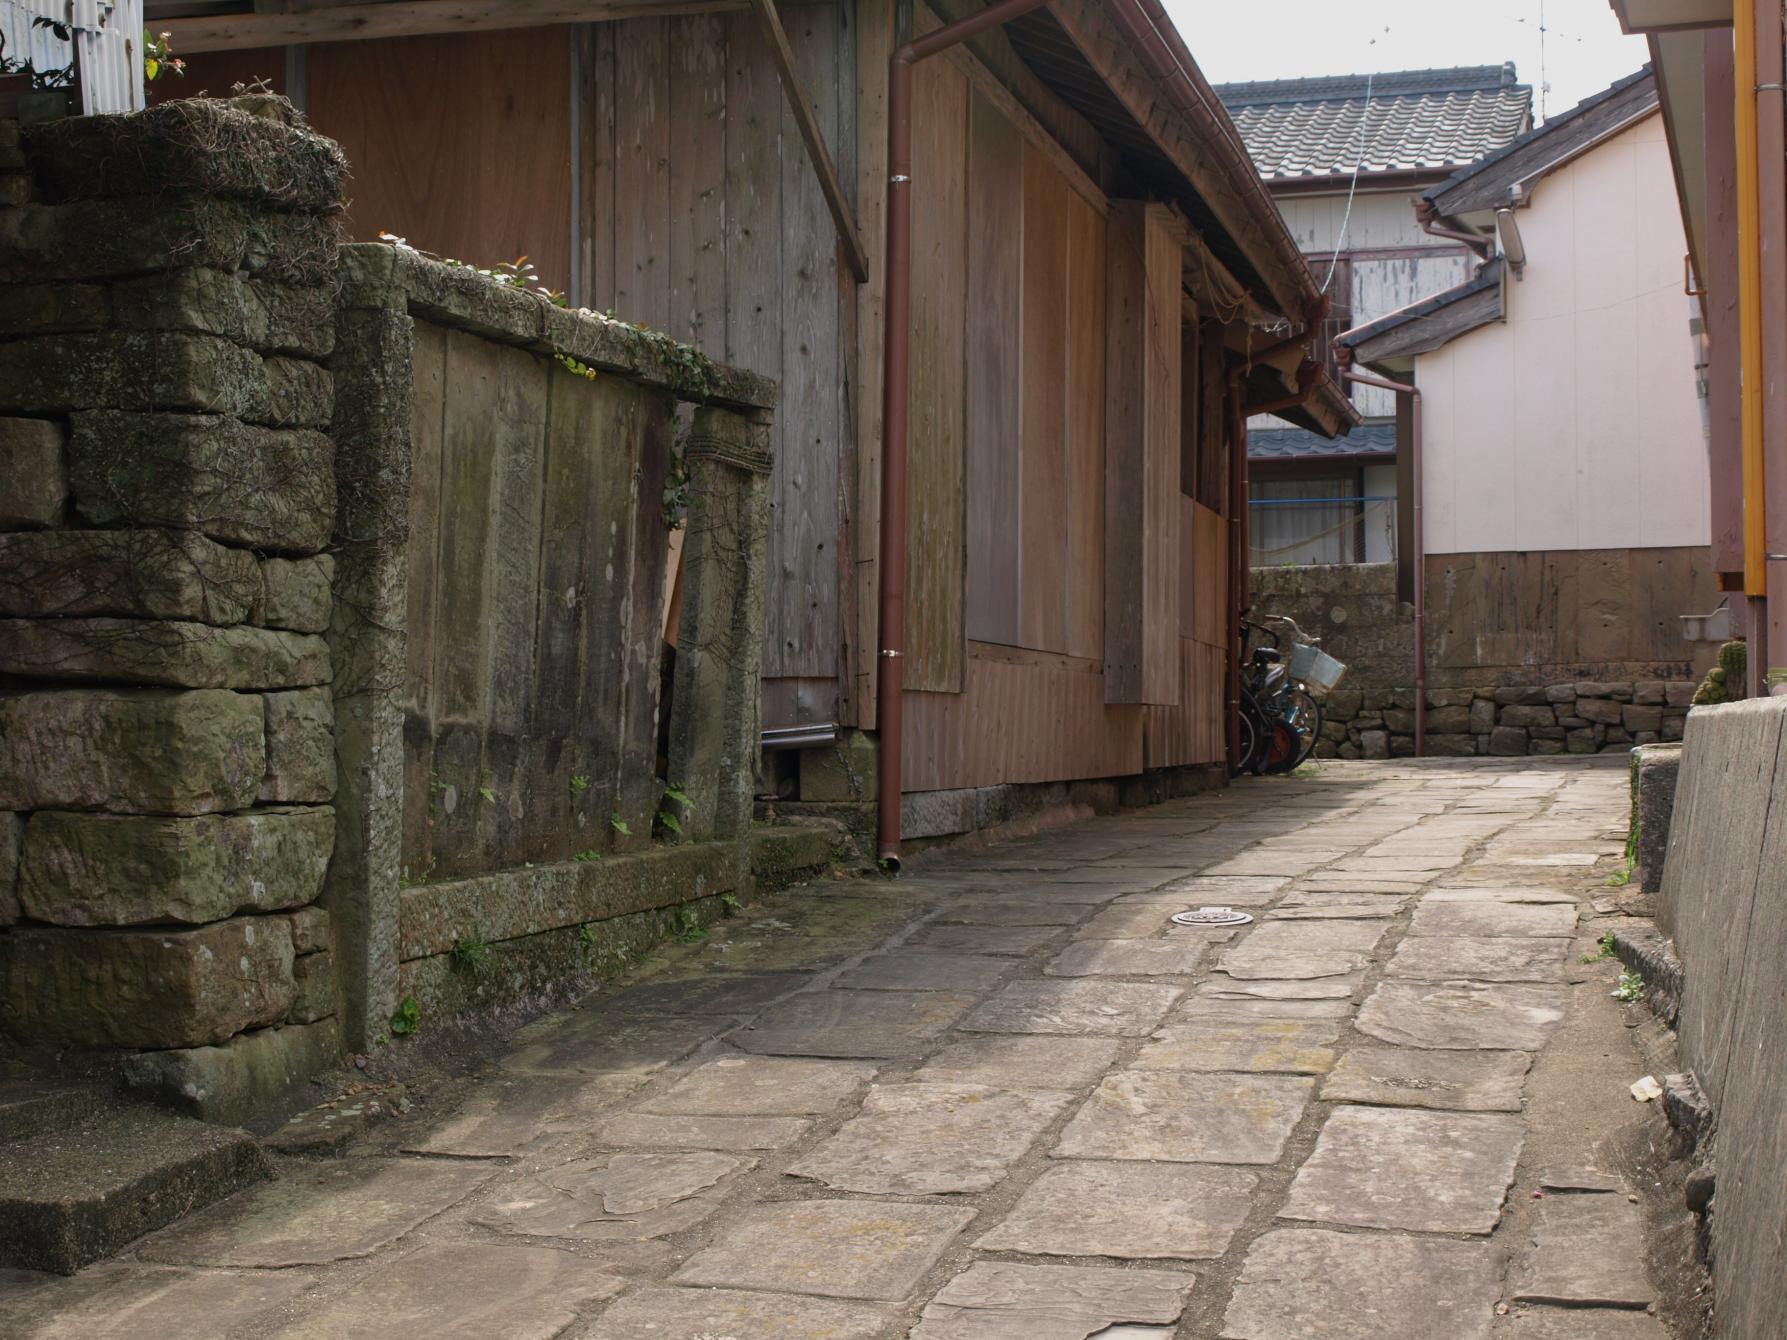 崎浦の五島石集落景観 (重要文化的景観)-1